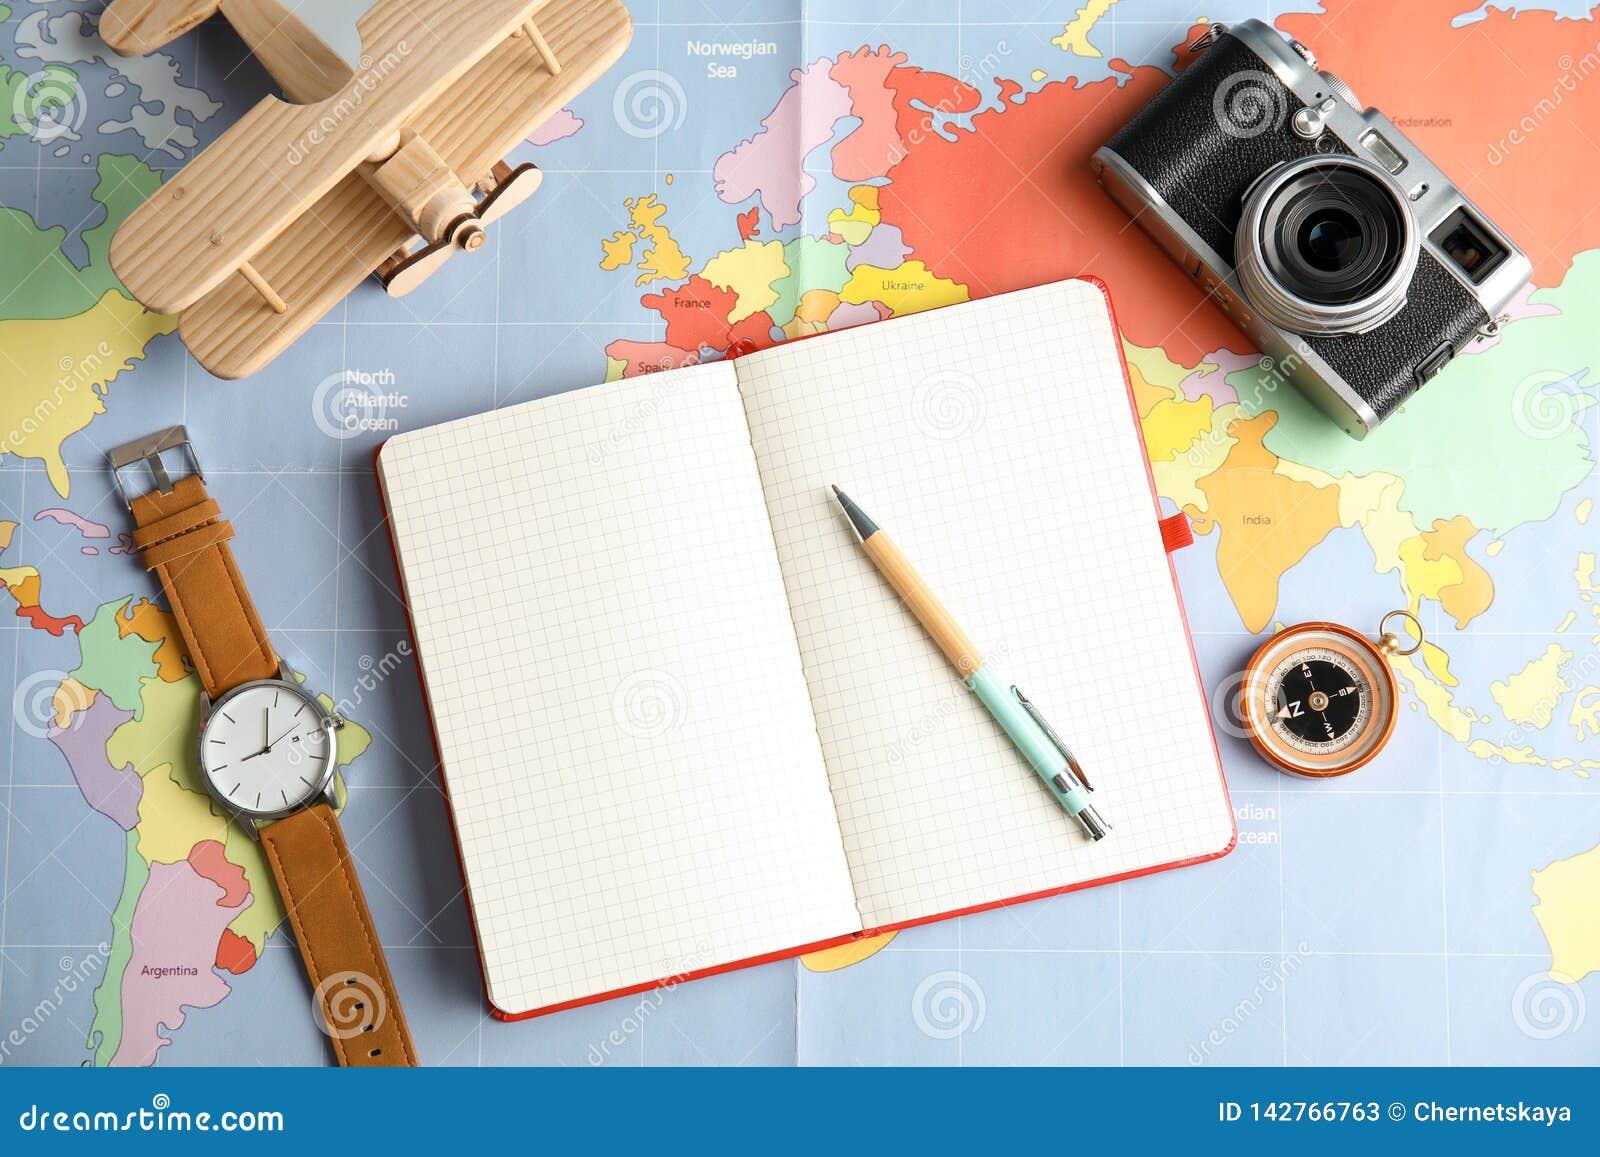 Composição colocada lisa com caderno e câmera no mapa do mundo, espaço para o texto